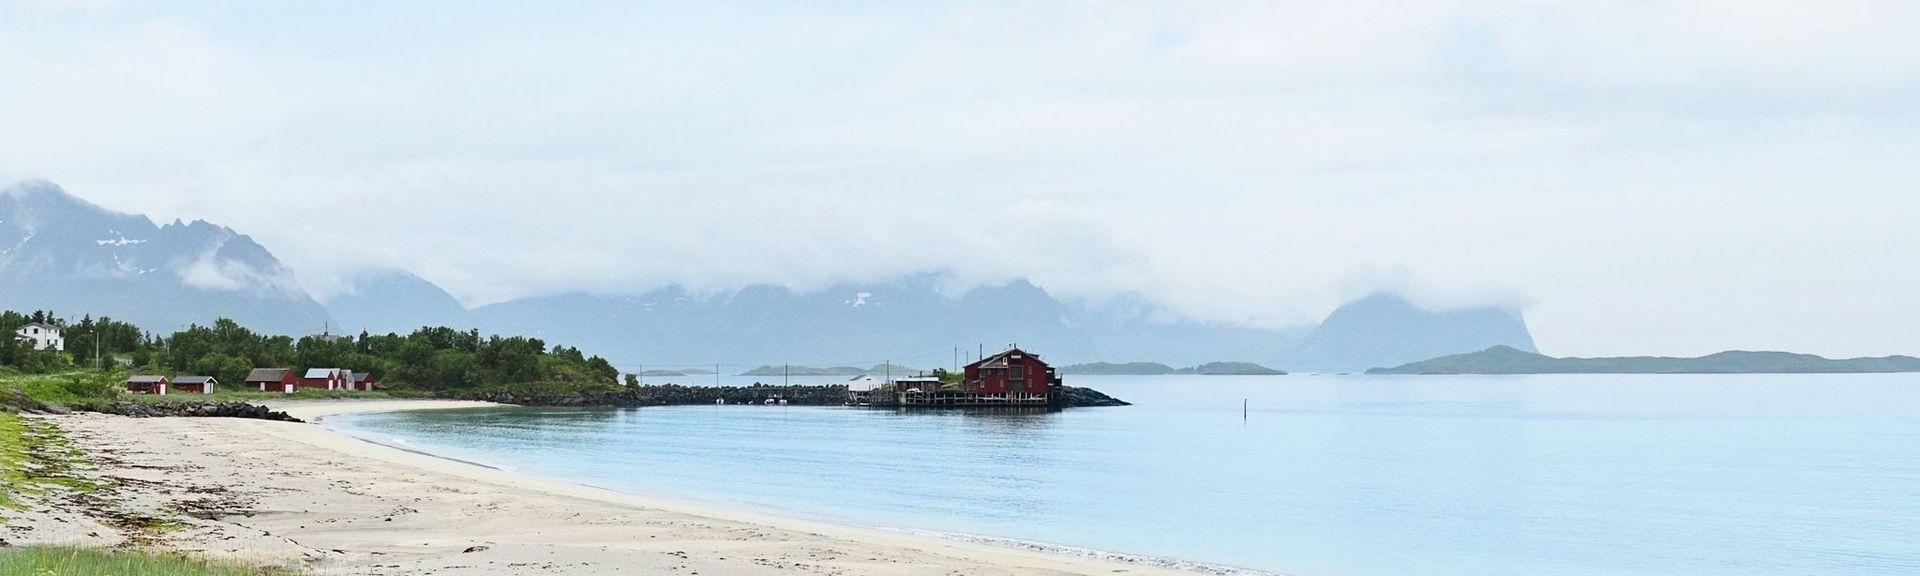 Tranøy, Troms og Finnmark, Norway